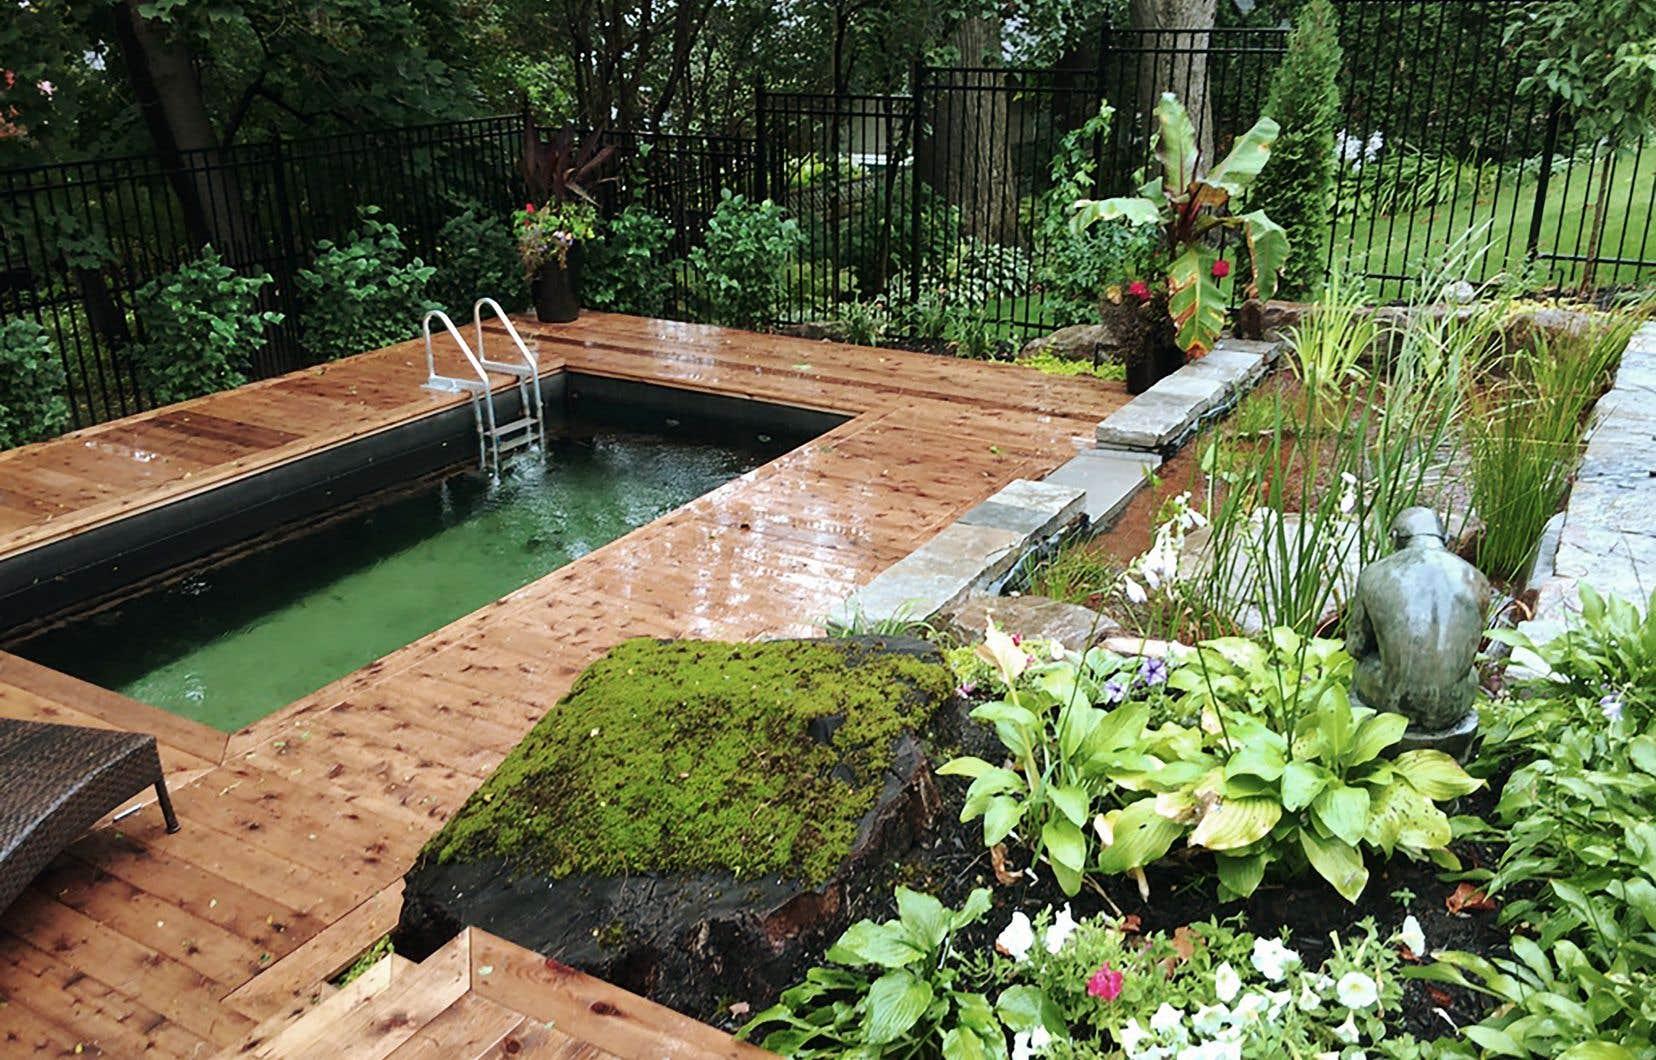 L'avantage premier d'une piscine naturelle ou d'un étang de baignade est la qualité de l'eau, s'accordent à dire leurs fabricants.